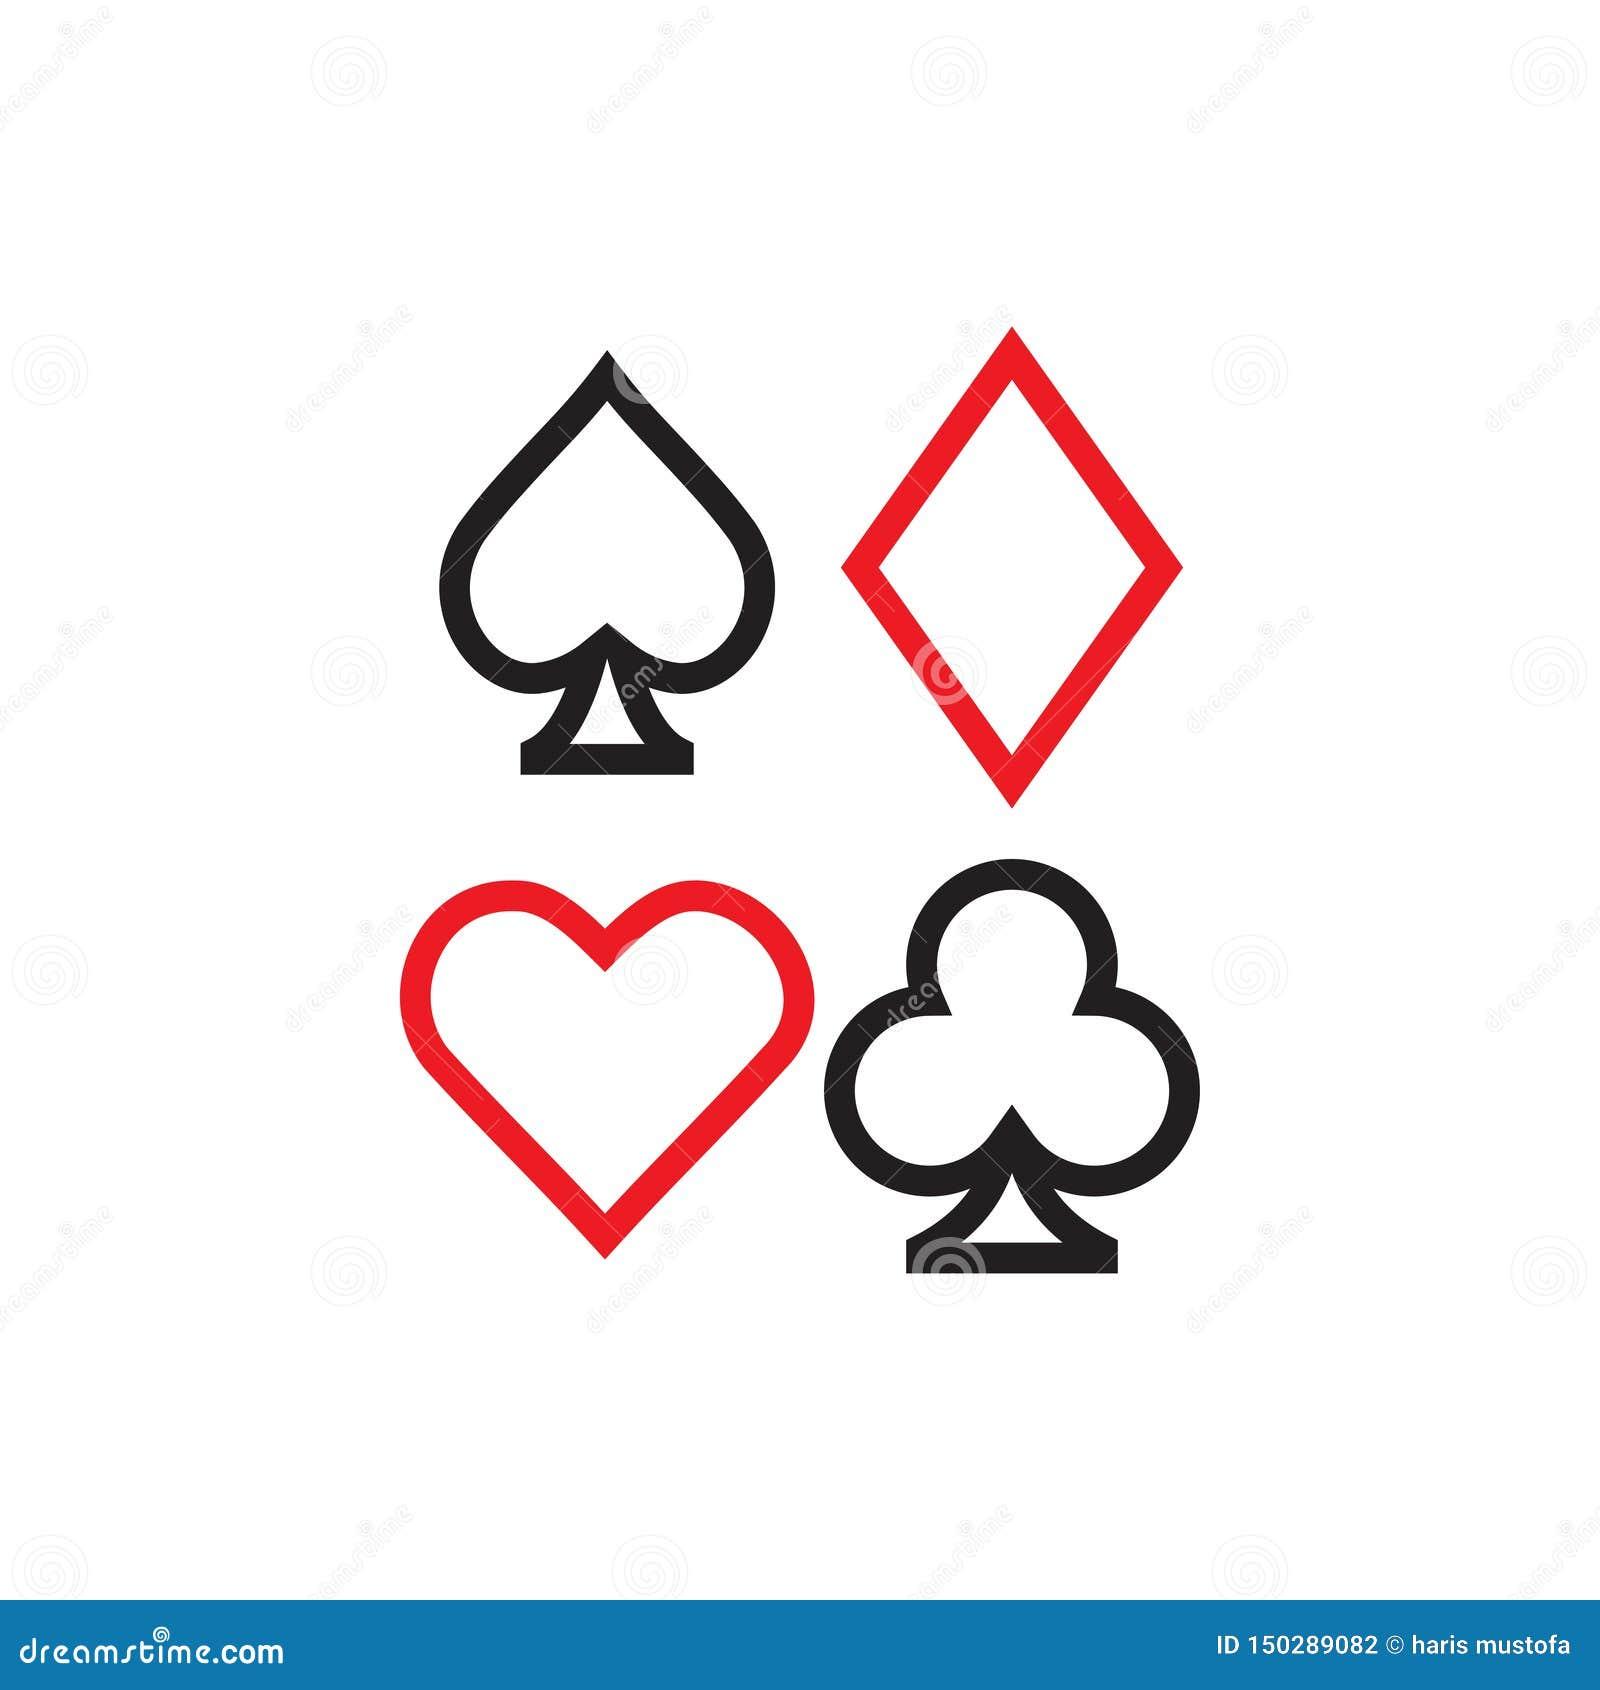 Poker icon graphic design template vector